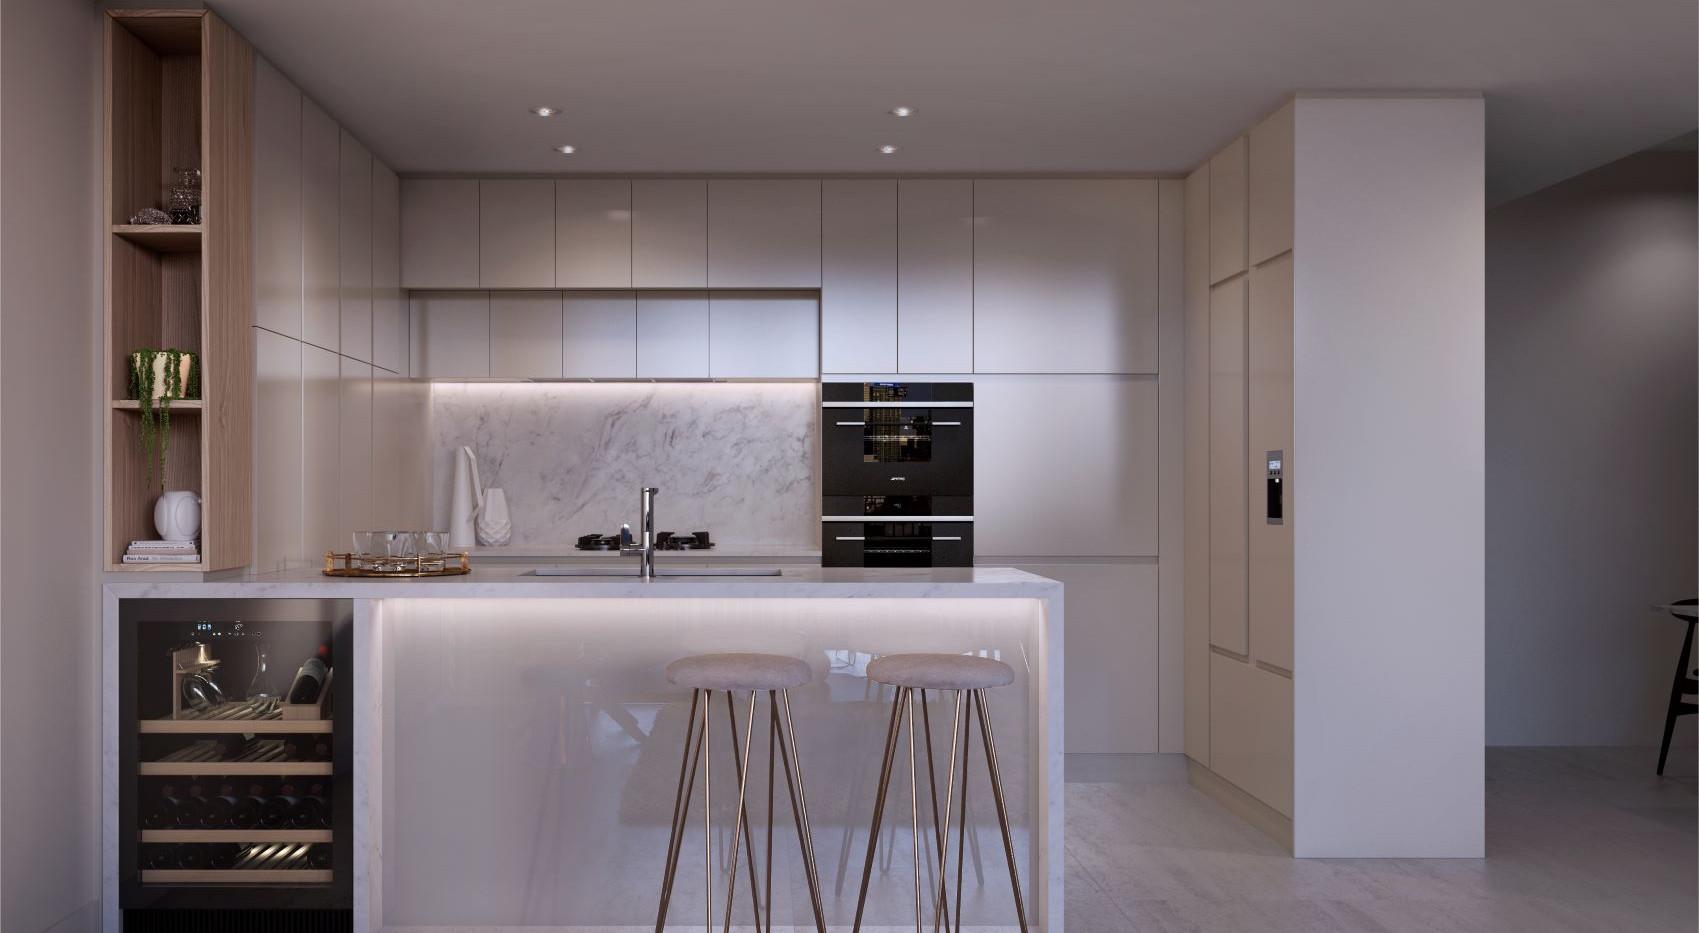 1659_2.02_Interior_Kitchen_R003.jpg